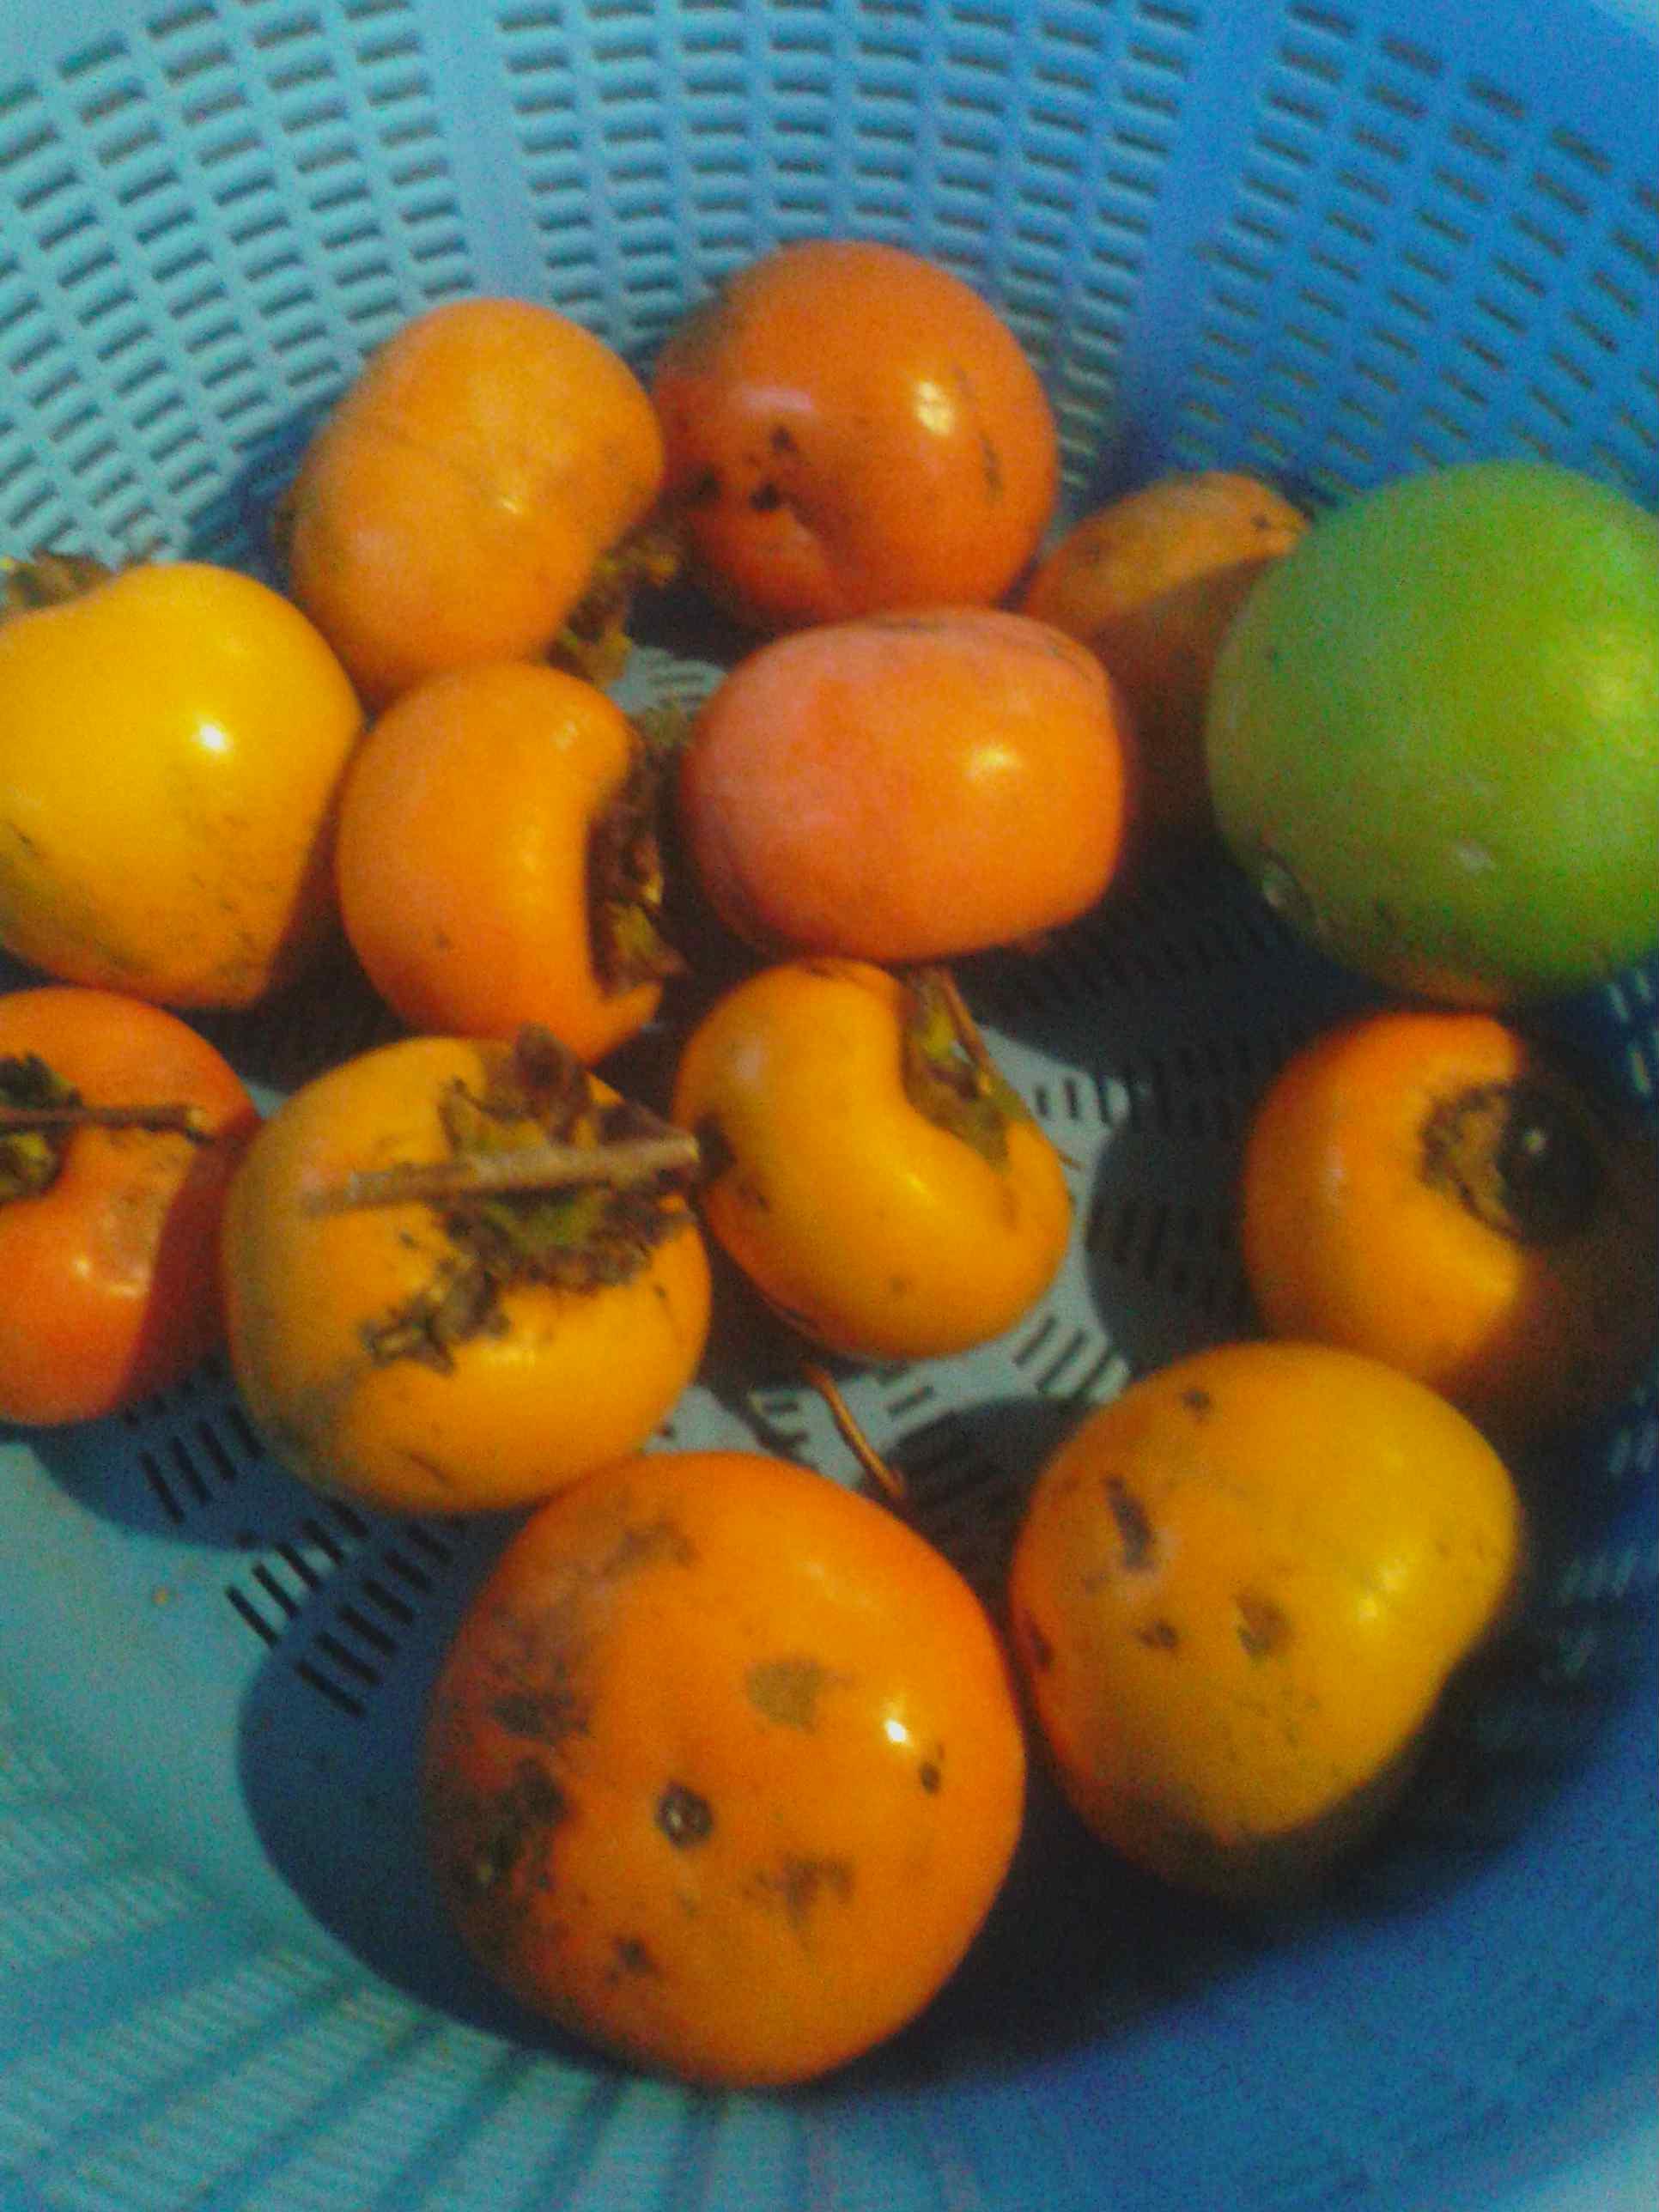 2017.10.23(月)の柿の収穫